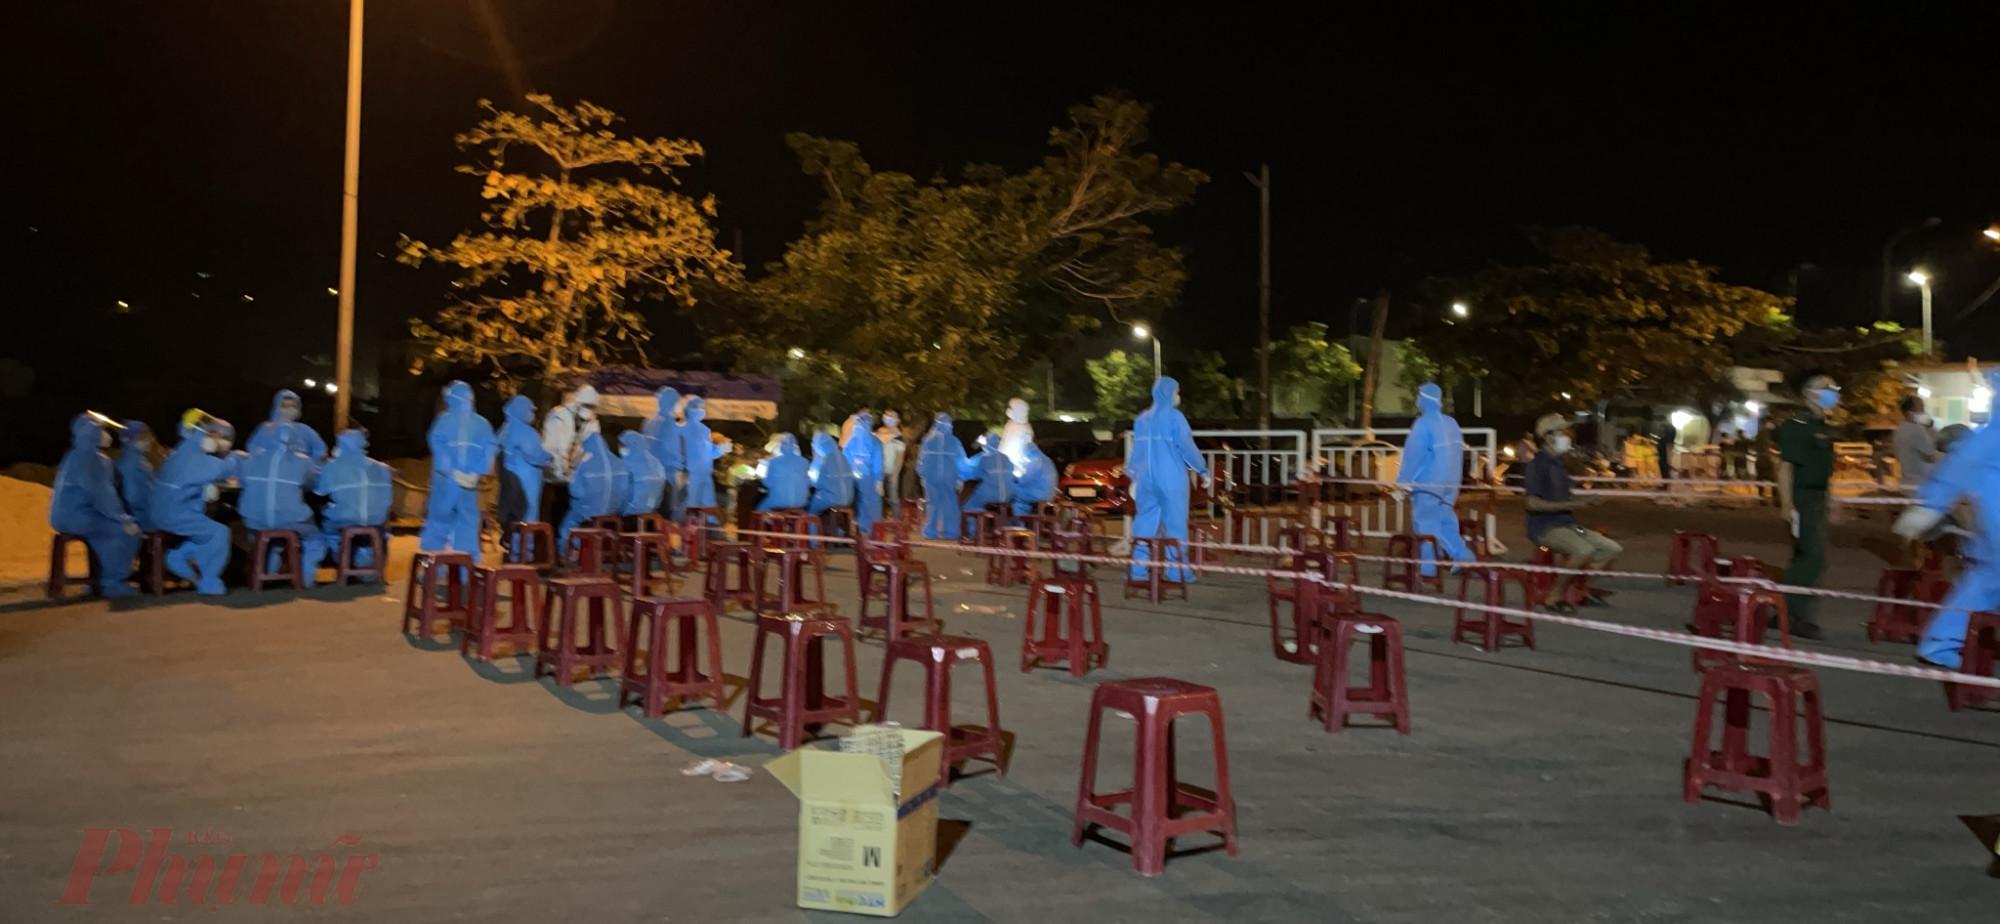 Đà Nẵng huy động nhân lực xét nghiệm xuyên đêm tại cảng cá Thọ Quang và khu vực xung quanh